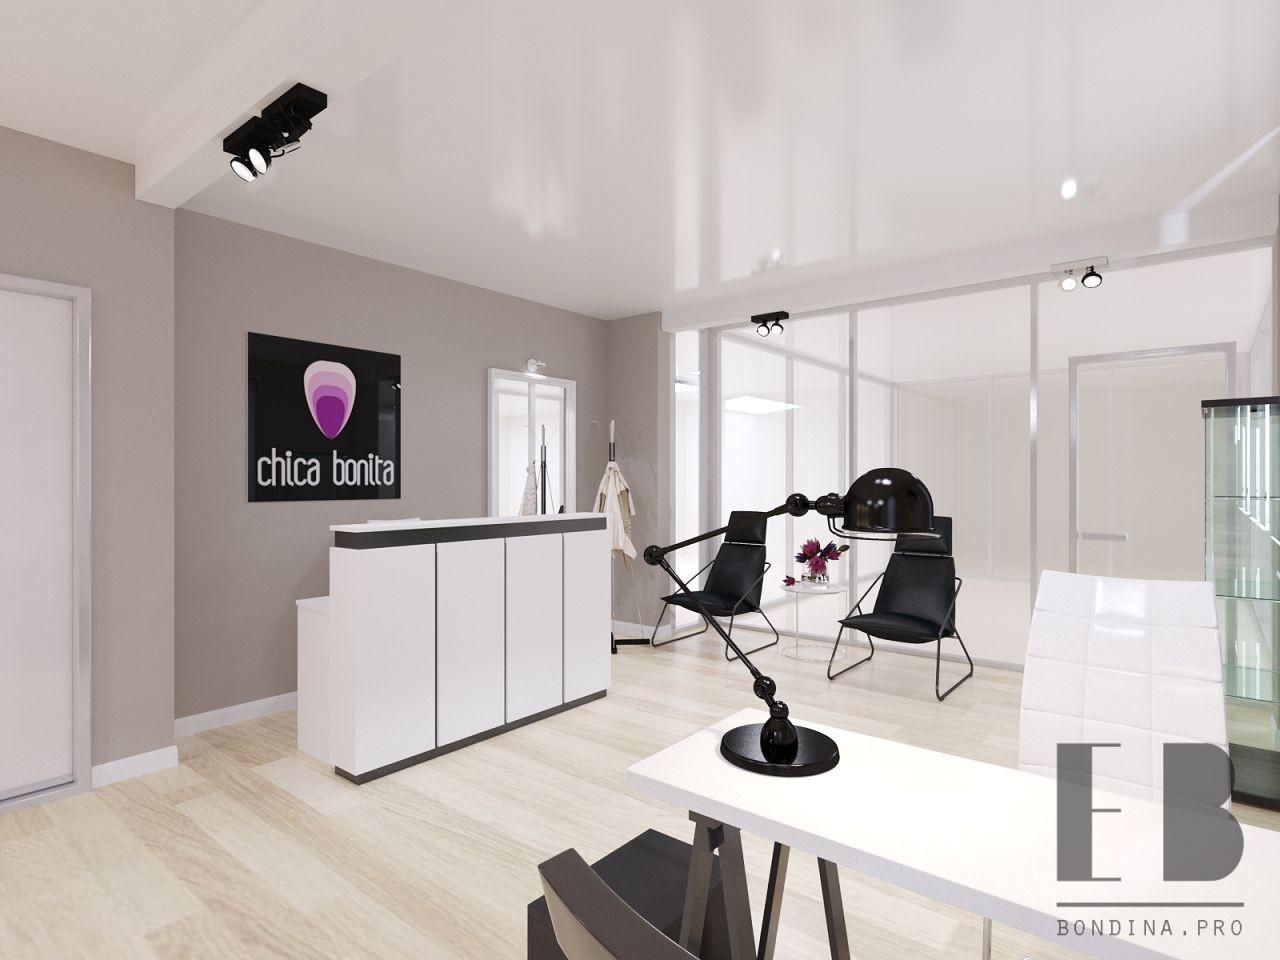 Reception in a beauty salon interior